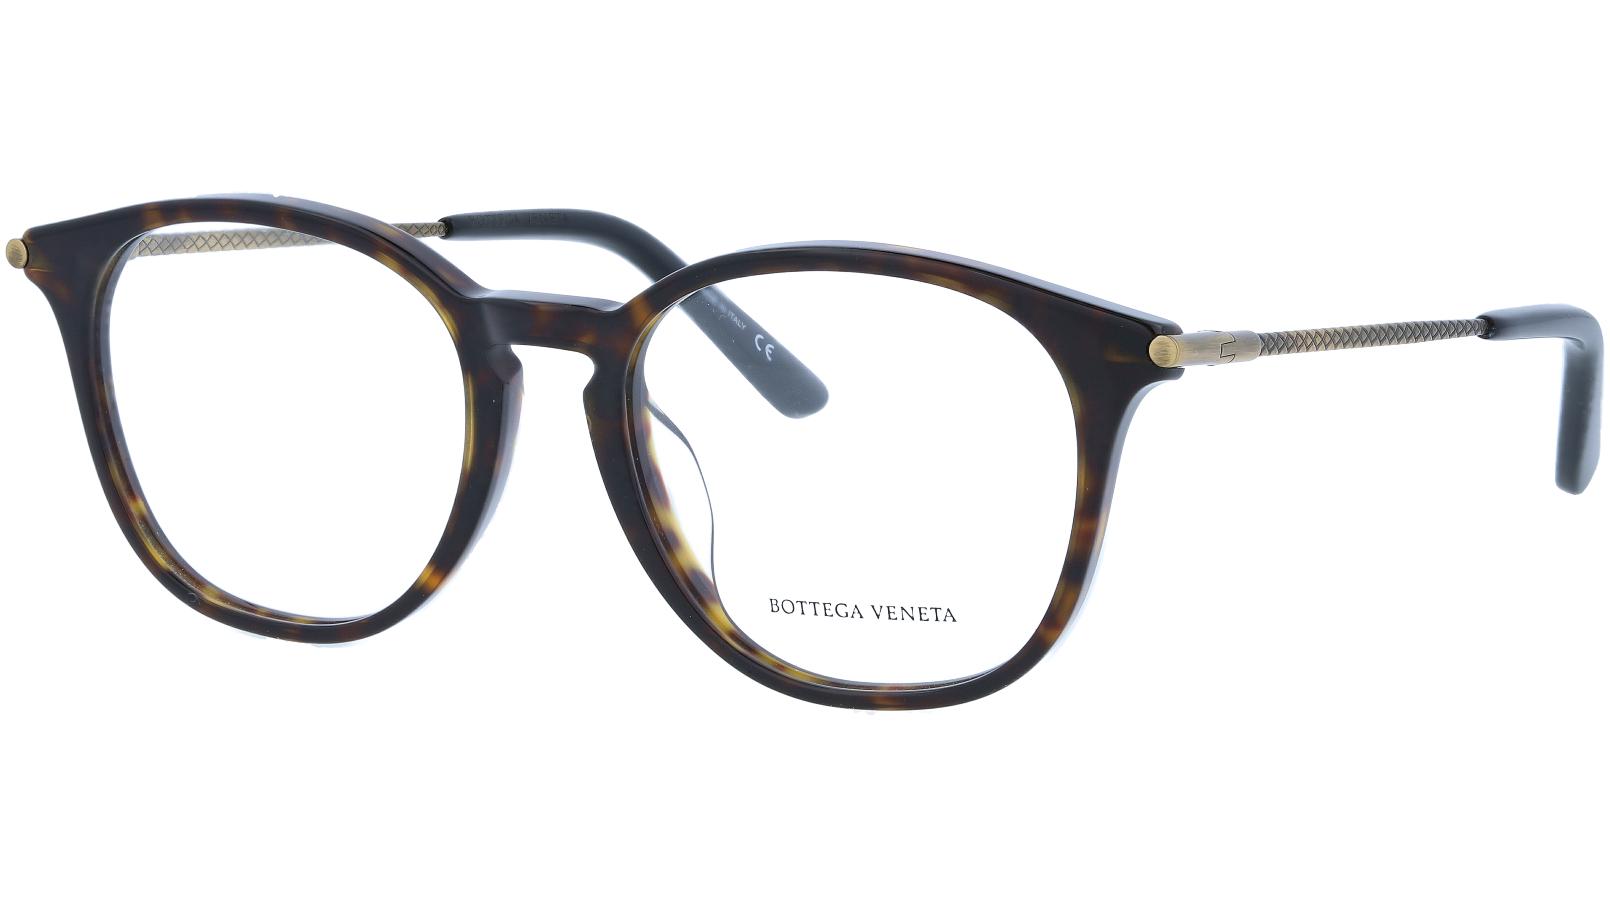 BOTTEGA VENETA BV0200OA 002 53 HAVANA Glasses